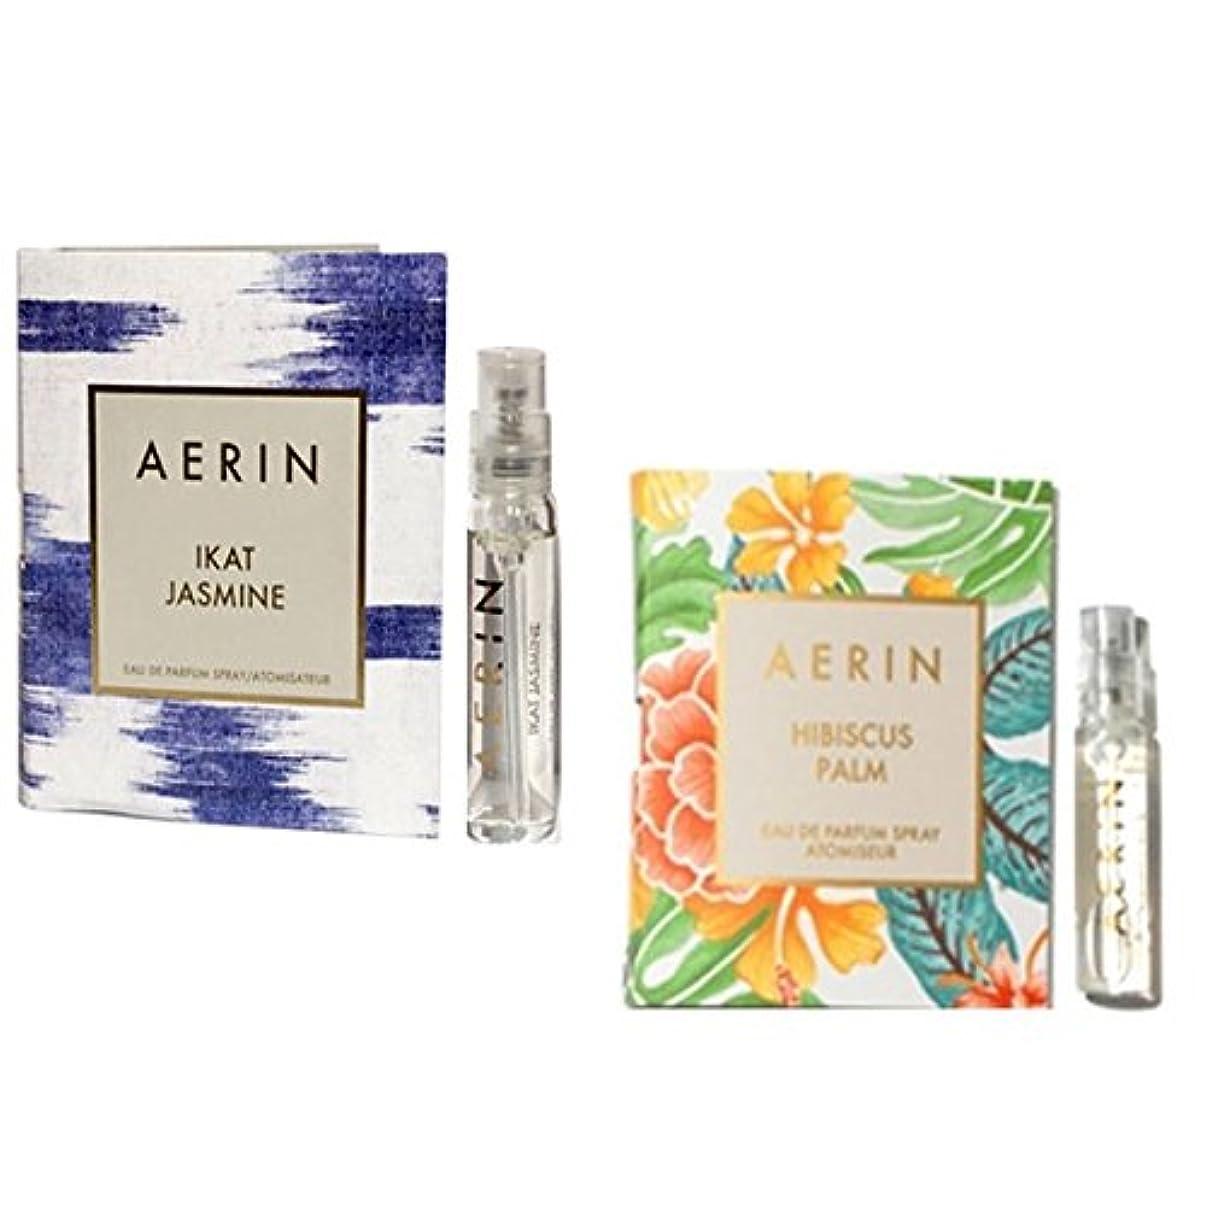 即席上院食用AERIN Ikat Jasmine 2ml & Hibiscus Palm 2ml Travel Size [海外直送品] [並行輸入品]